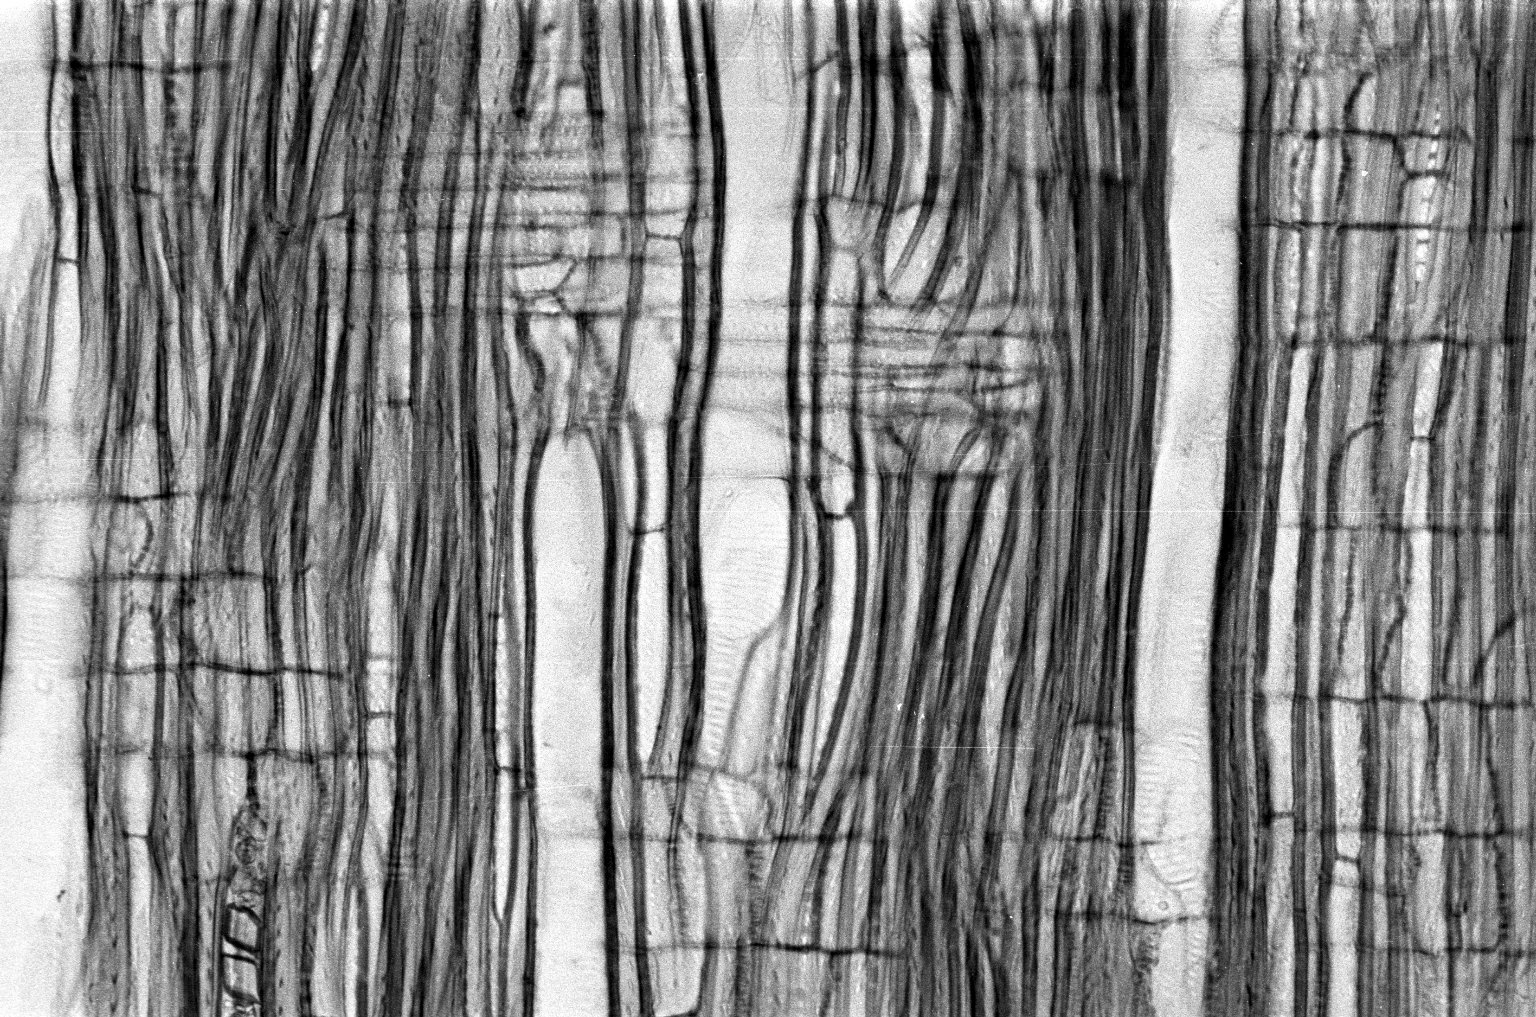 MYRTACEAE Myrceugenia planipes